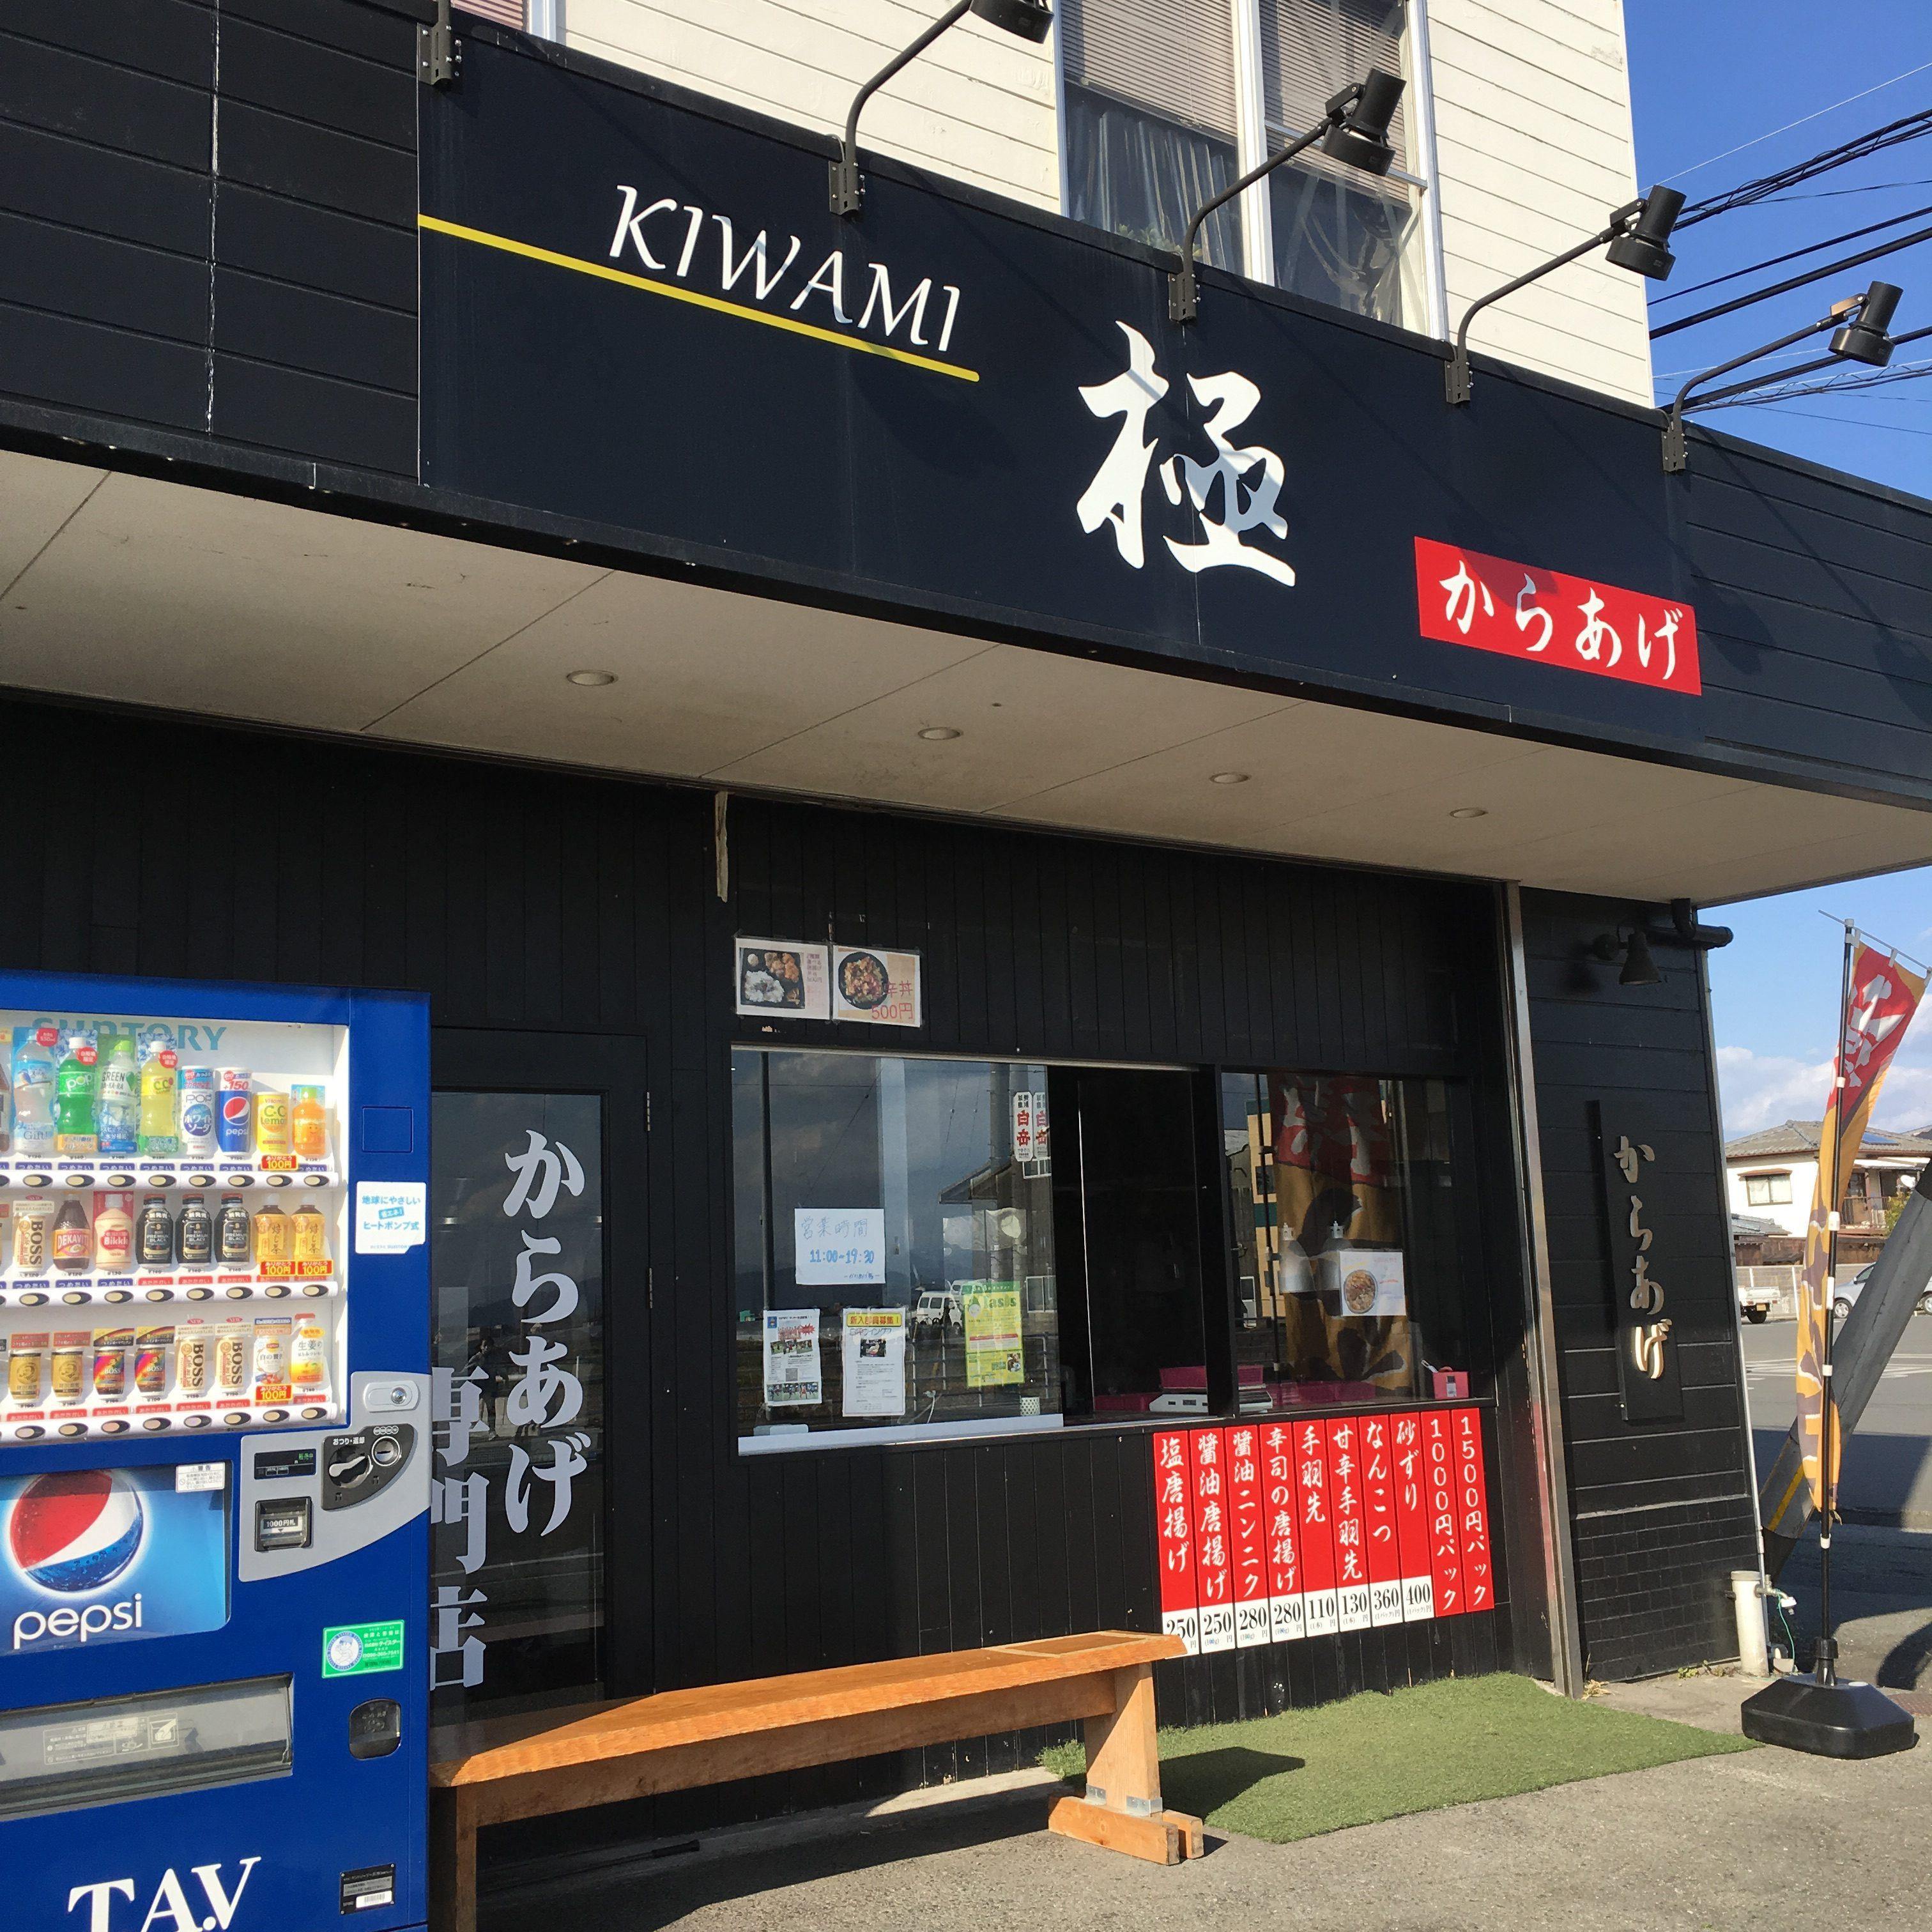 【からあげ極-KIWAMI】熊本城山!唐揚げ縁→極に@メニュー表